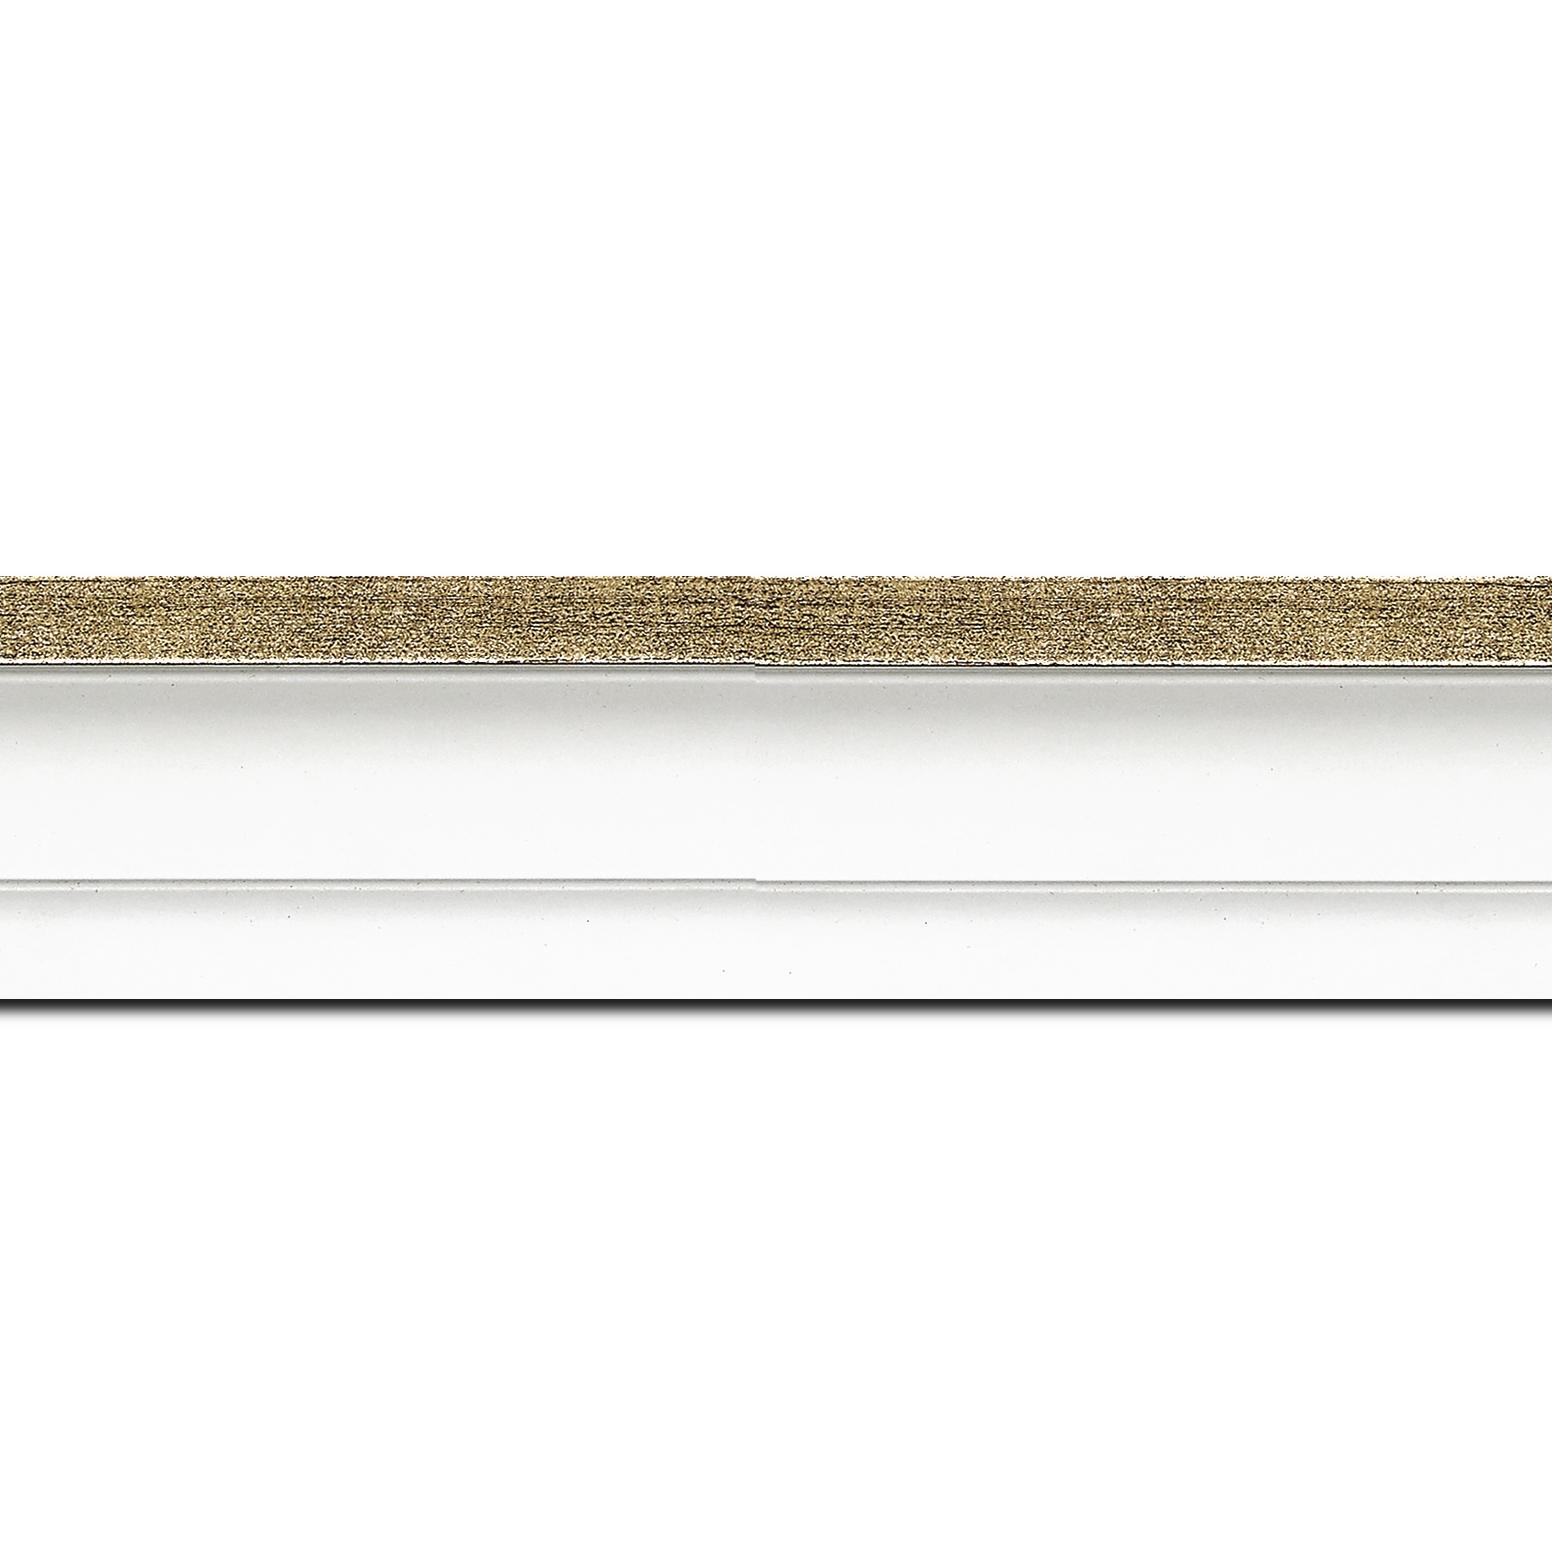 Baguette longueur 1.40m bois caisse américaine profil escalier largeur 4.5cm blanc mat filet or (spécialement conçu pour les châssis d'une épaisseur jusqu'à 2.5cm )